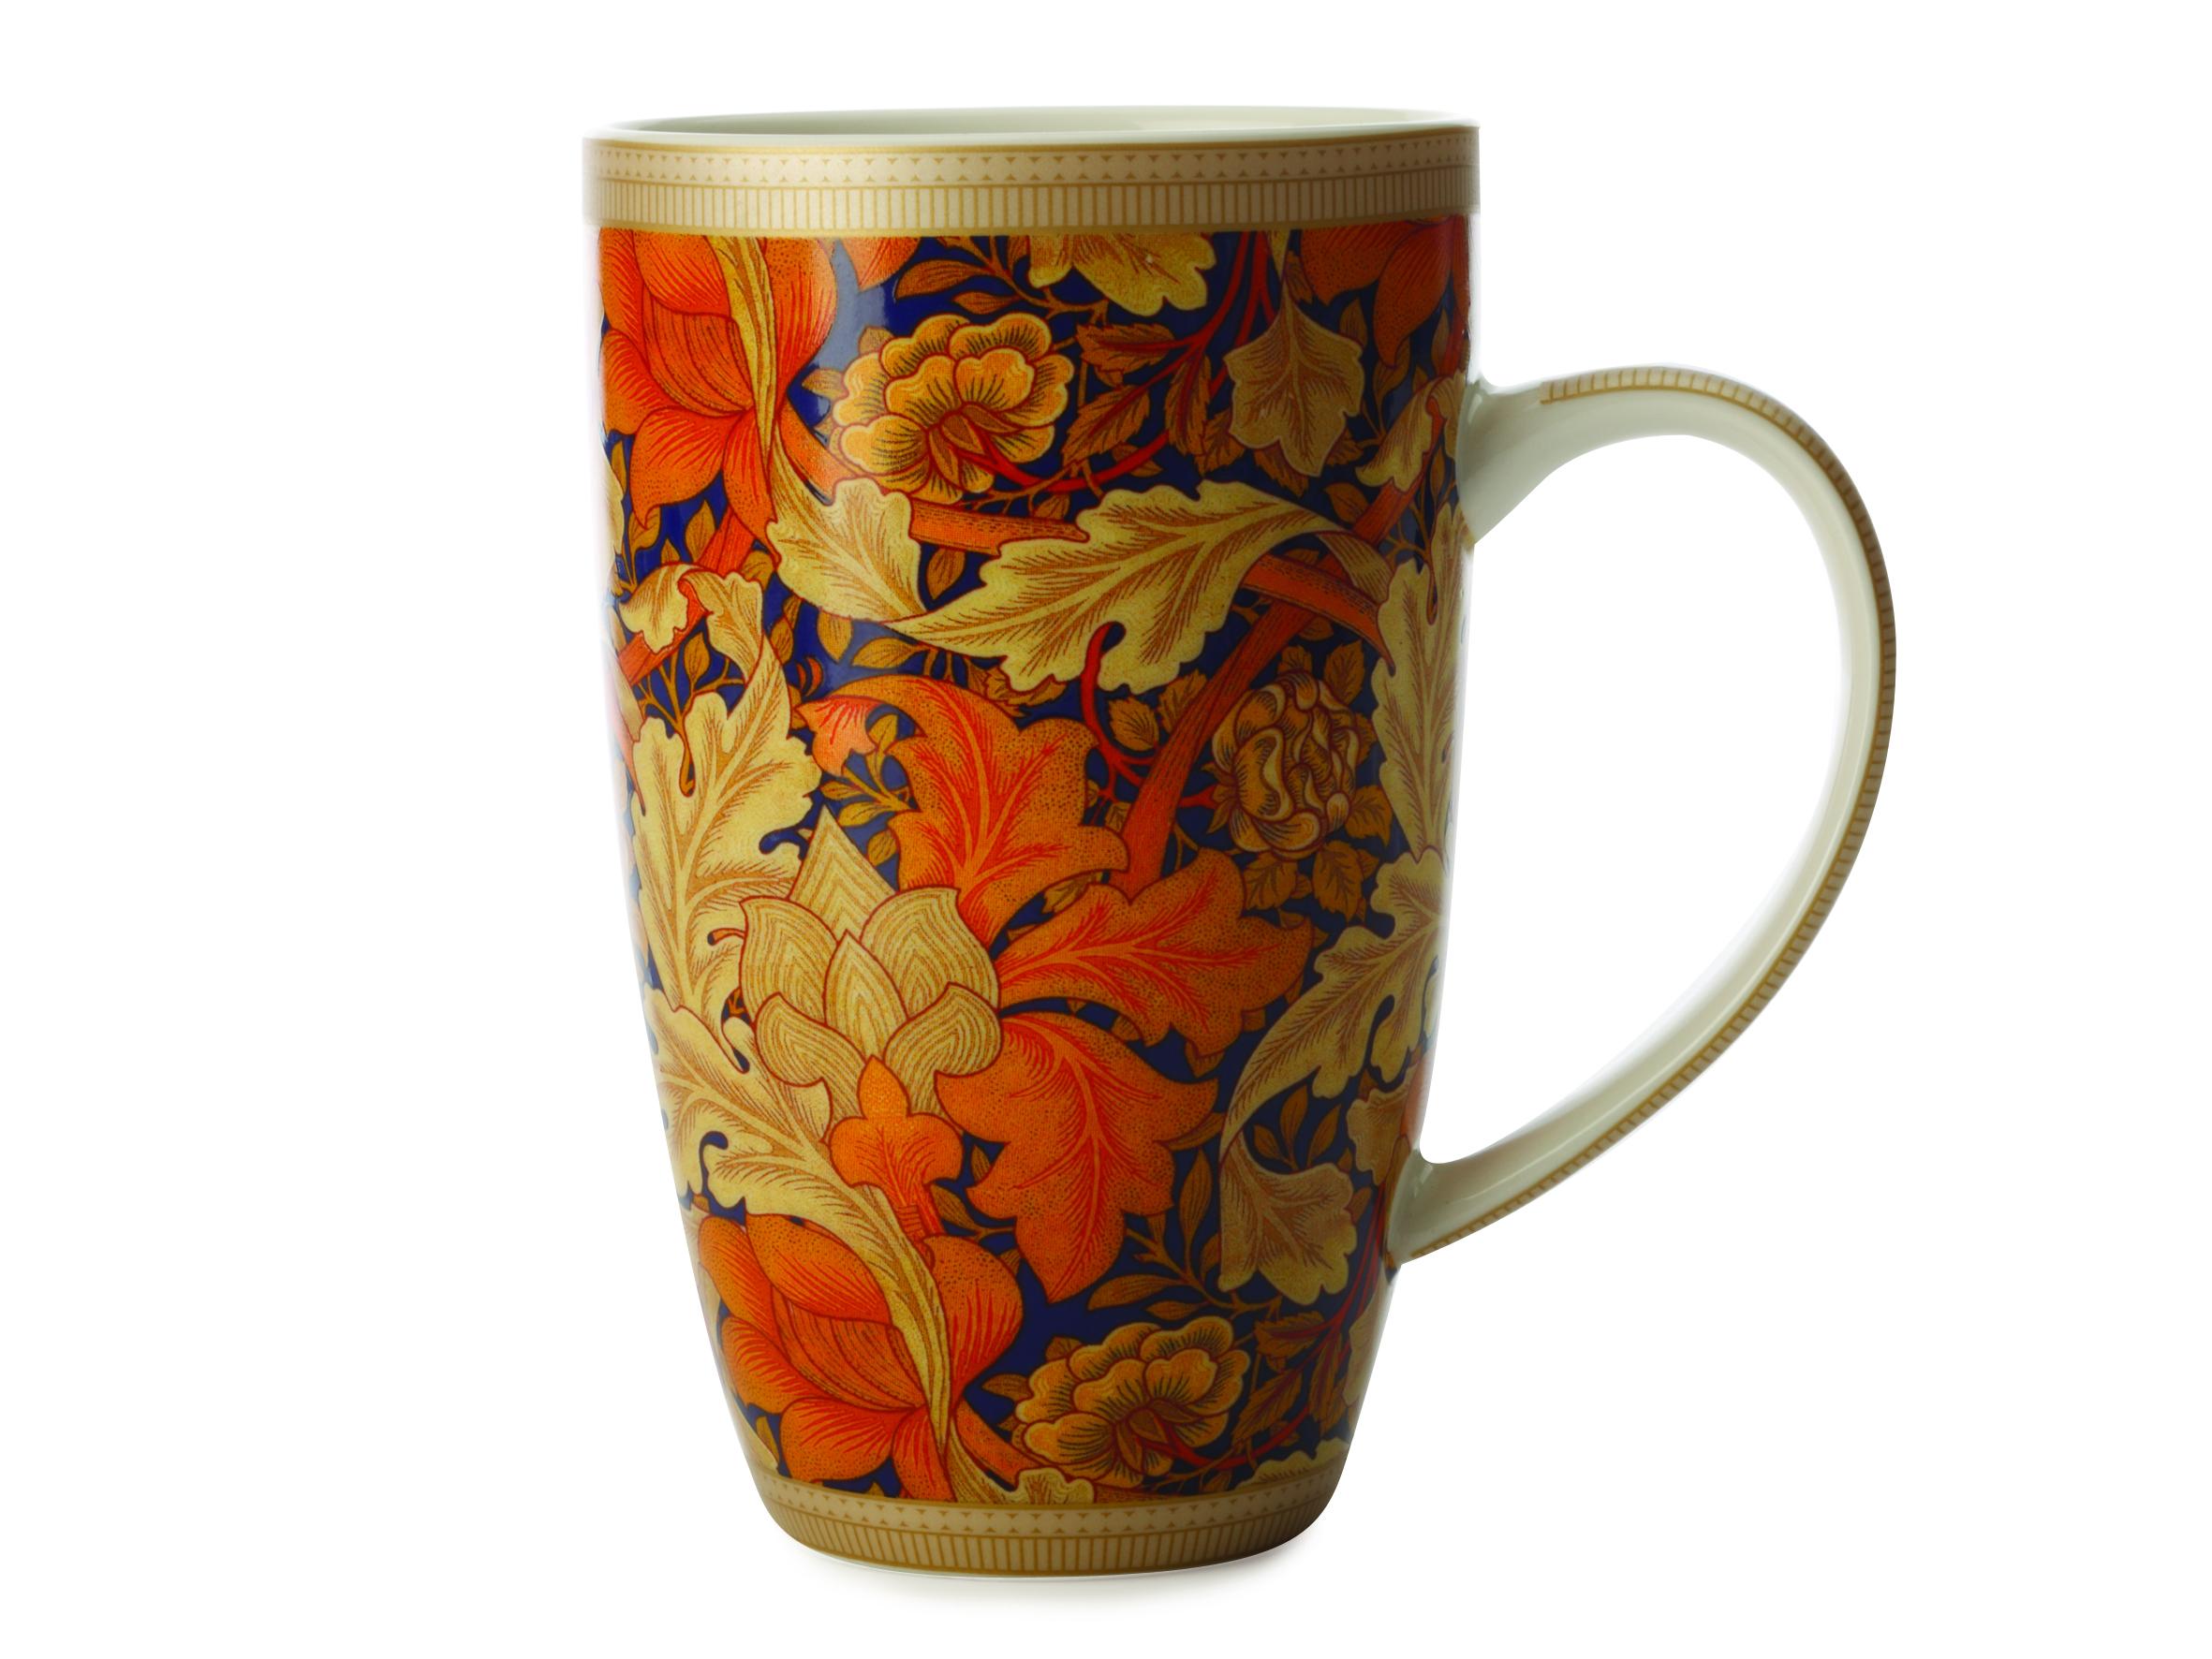 Cana Acanthus Coupe, William Morris, 420 ml